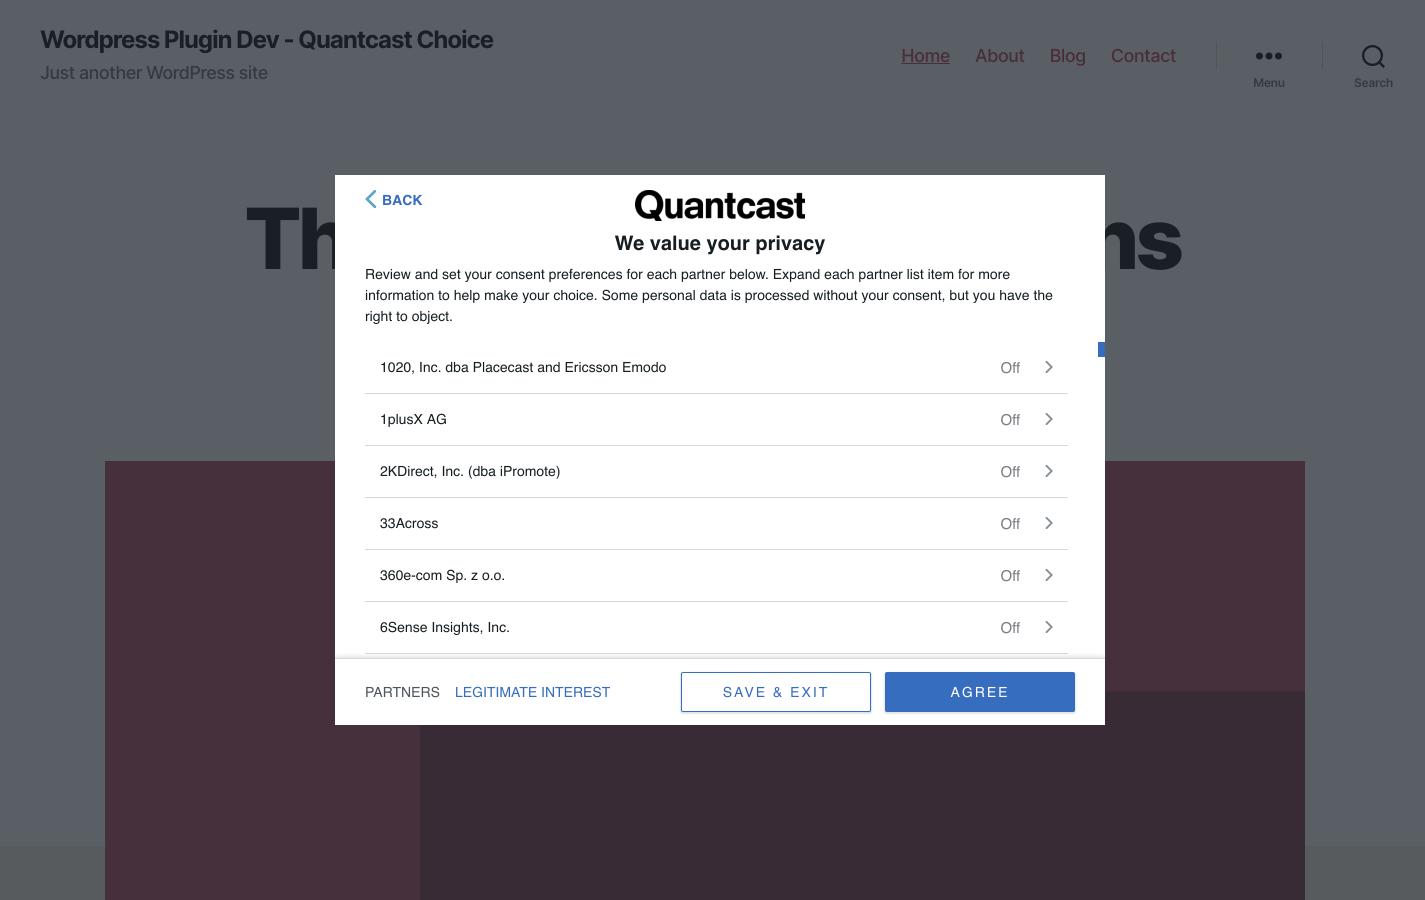 Quantcast Choice